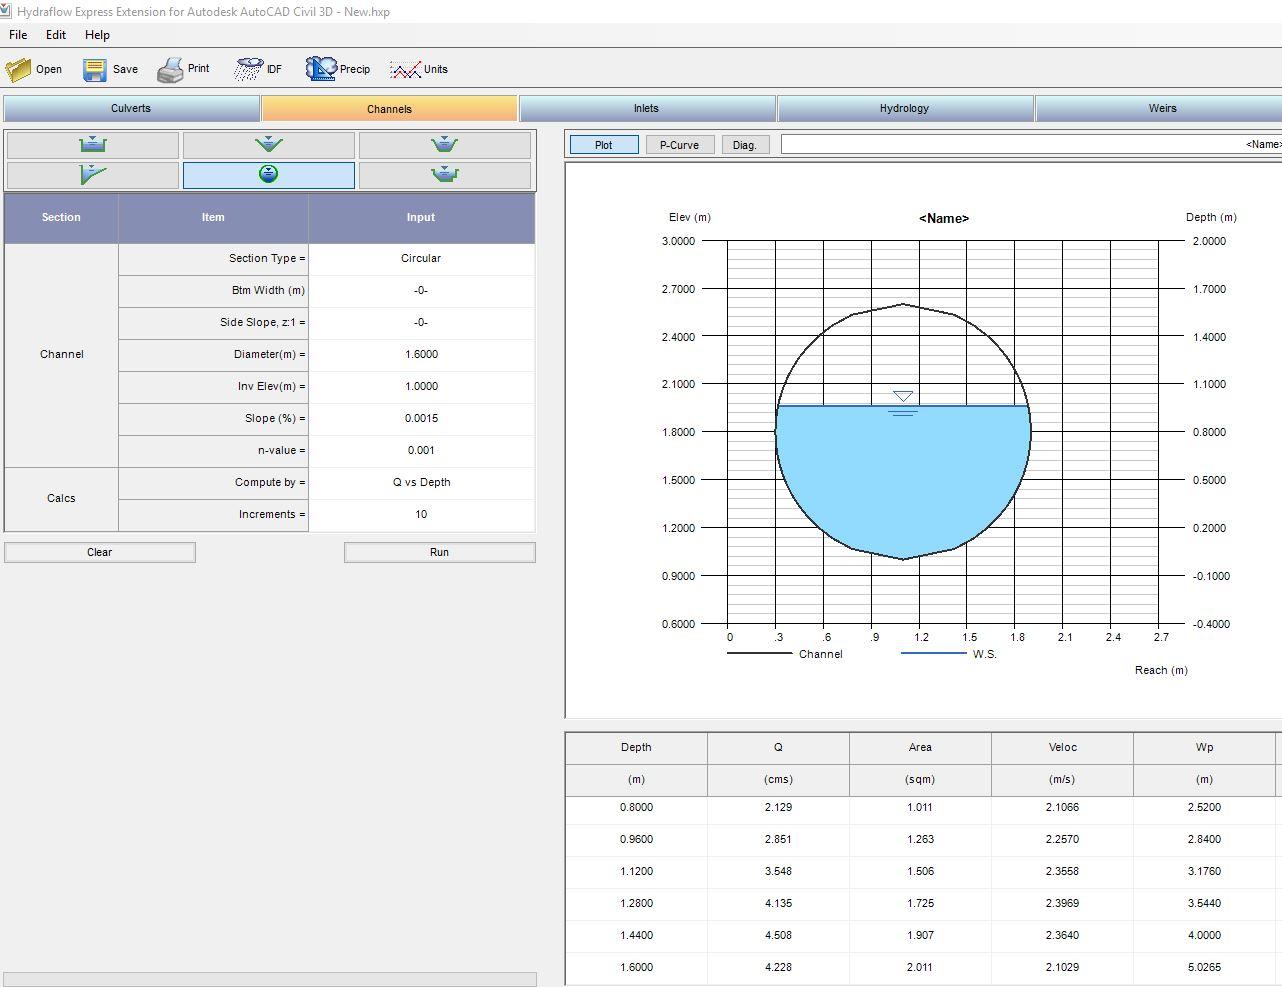 Design flow capacity in SSA - Autodesk Community- Civil 3D